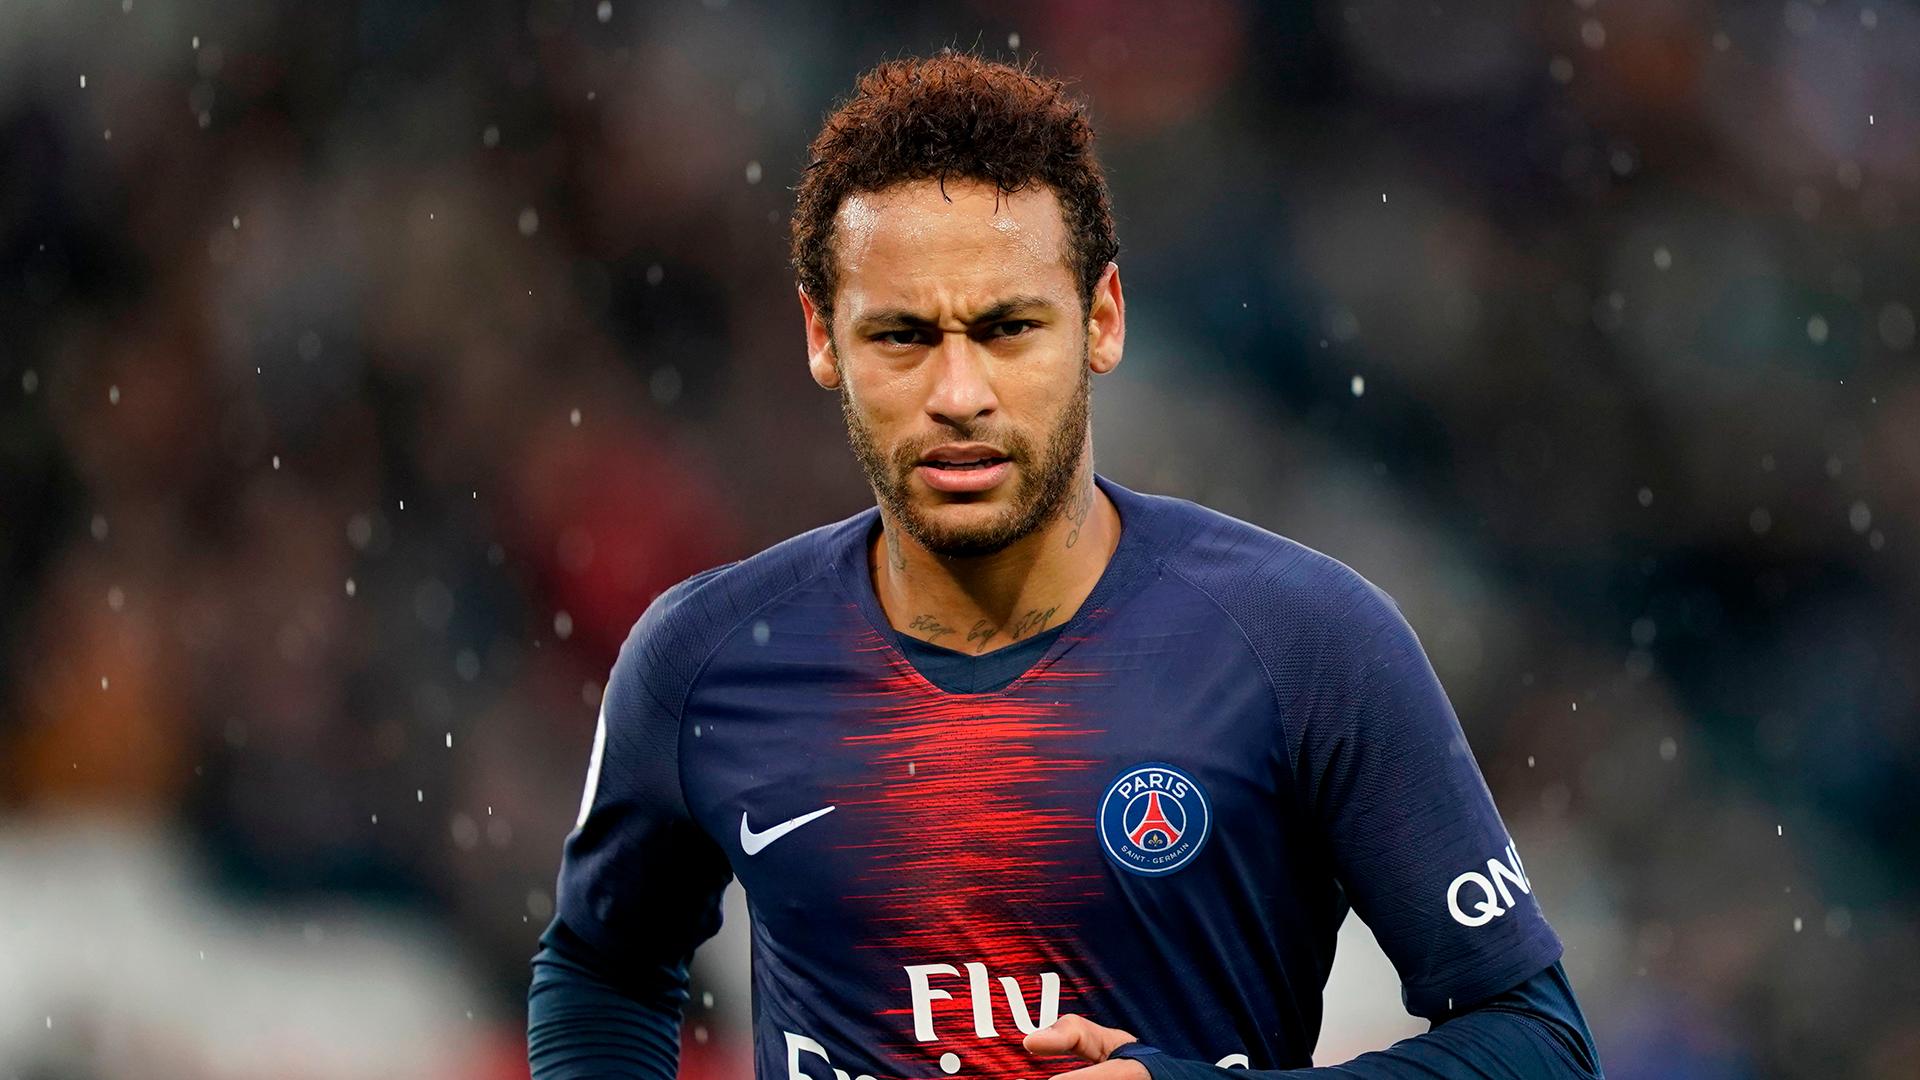 Mercato - PSG : Une partie de l'interview de Neymar a été volée au Brésil